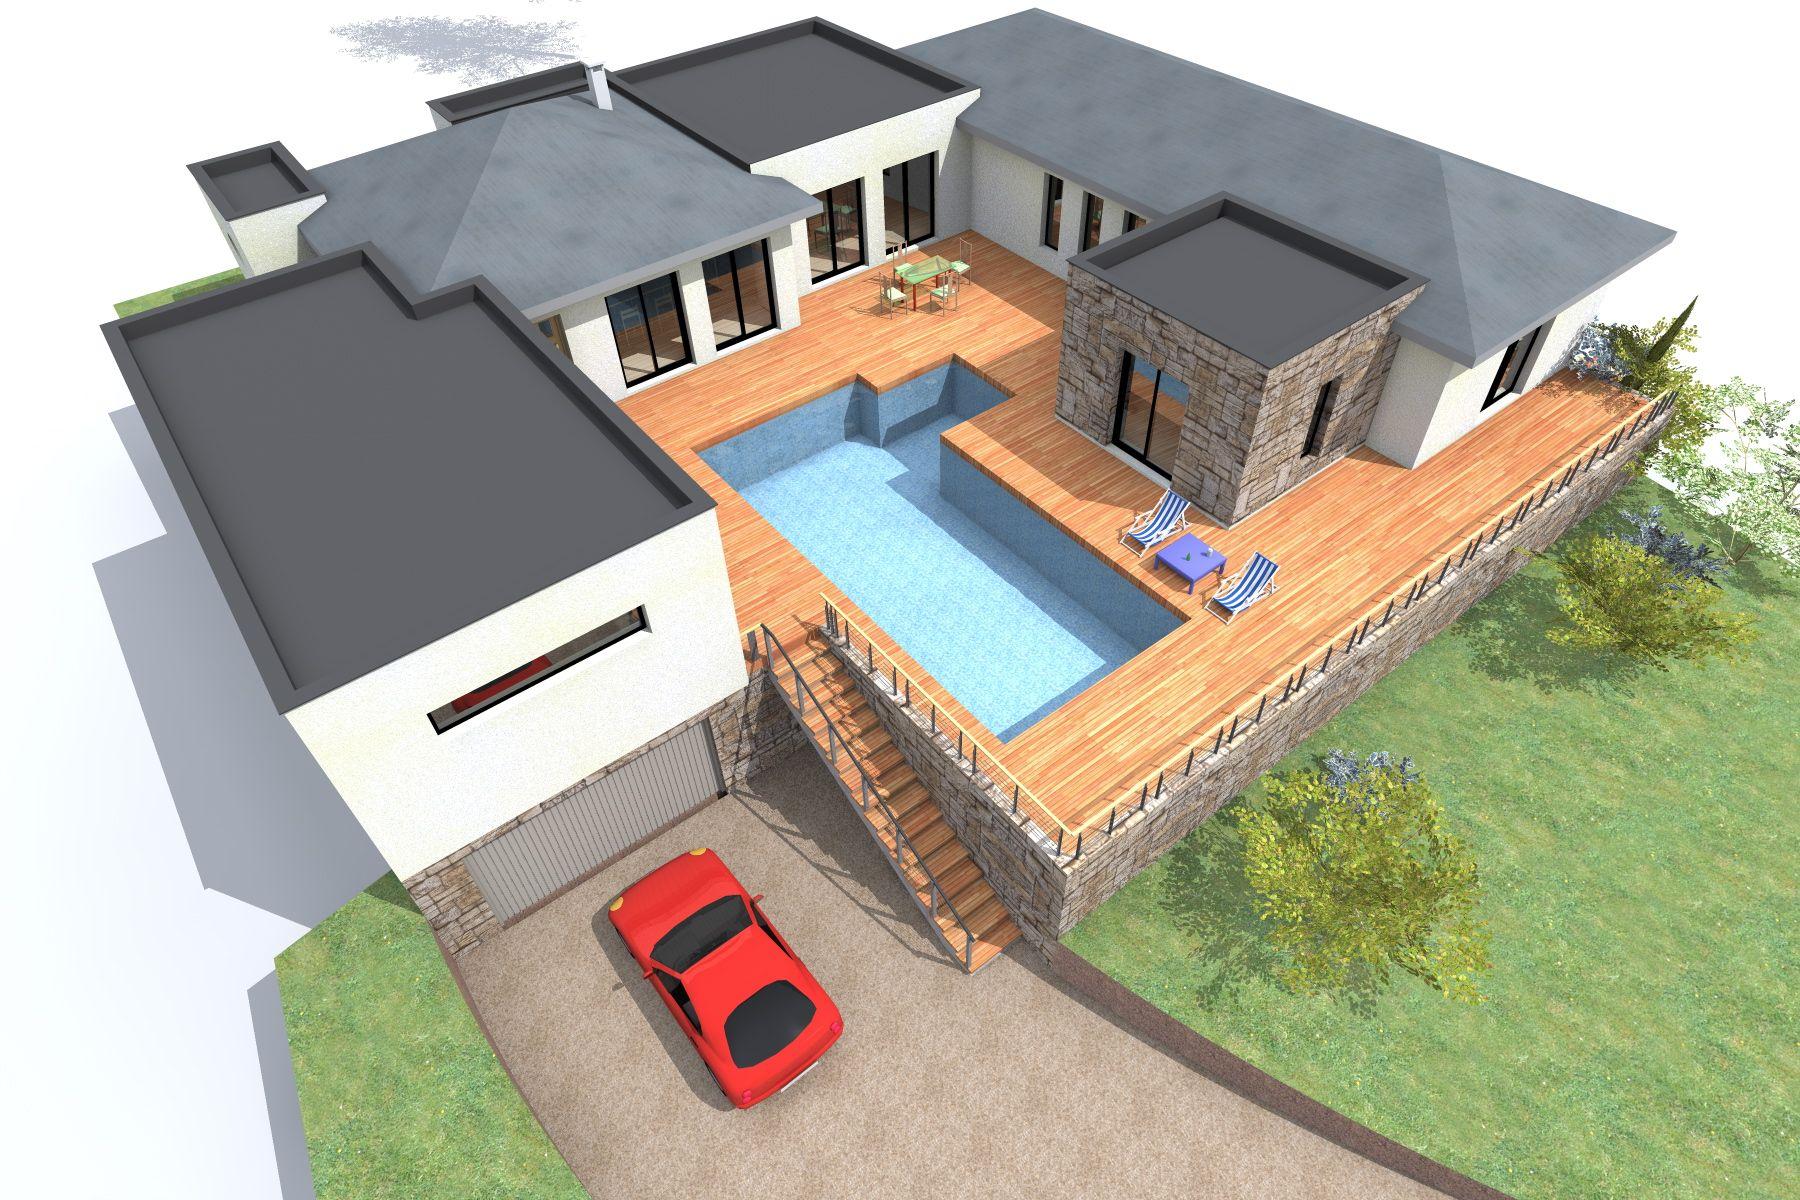 Maison contemporaine sous sol maisons coup de coeur maison plan maison et maison bois - Plan maison bois contemporaine ...